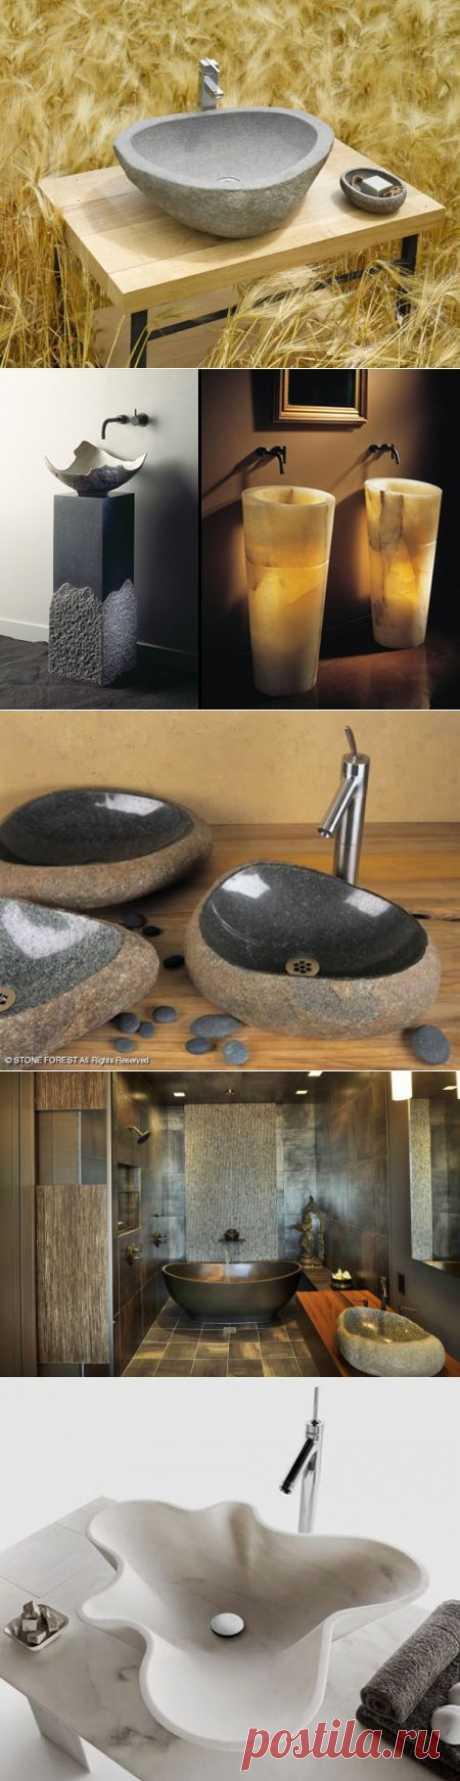 (+1) сообщ - Каменная раковина | УЮТНЫЙ ДОМ | советы